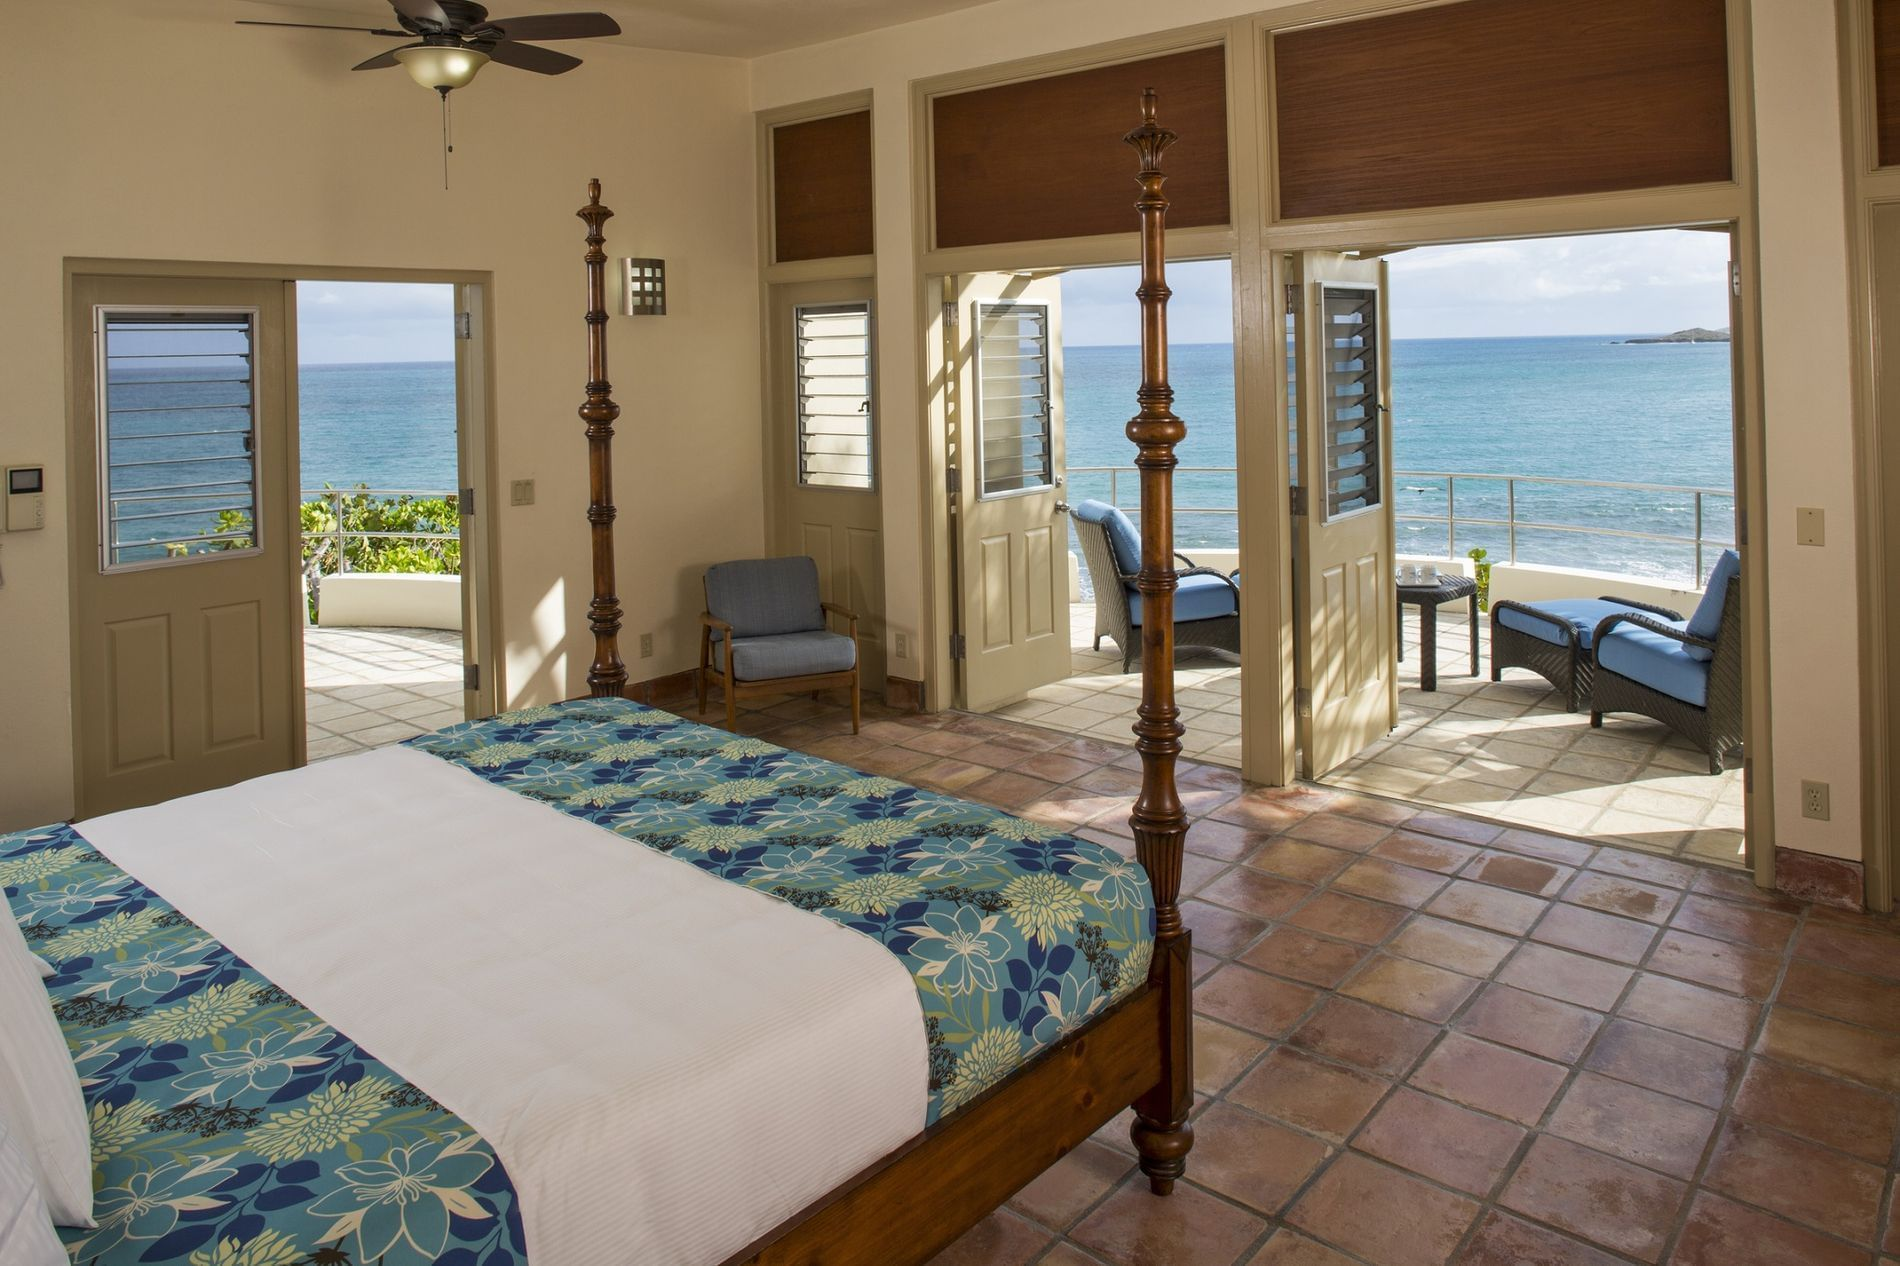 Buck Island Suite Bedroom with Terrace